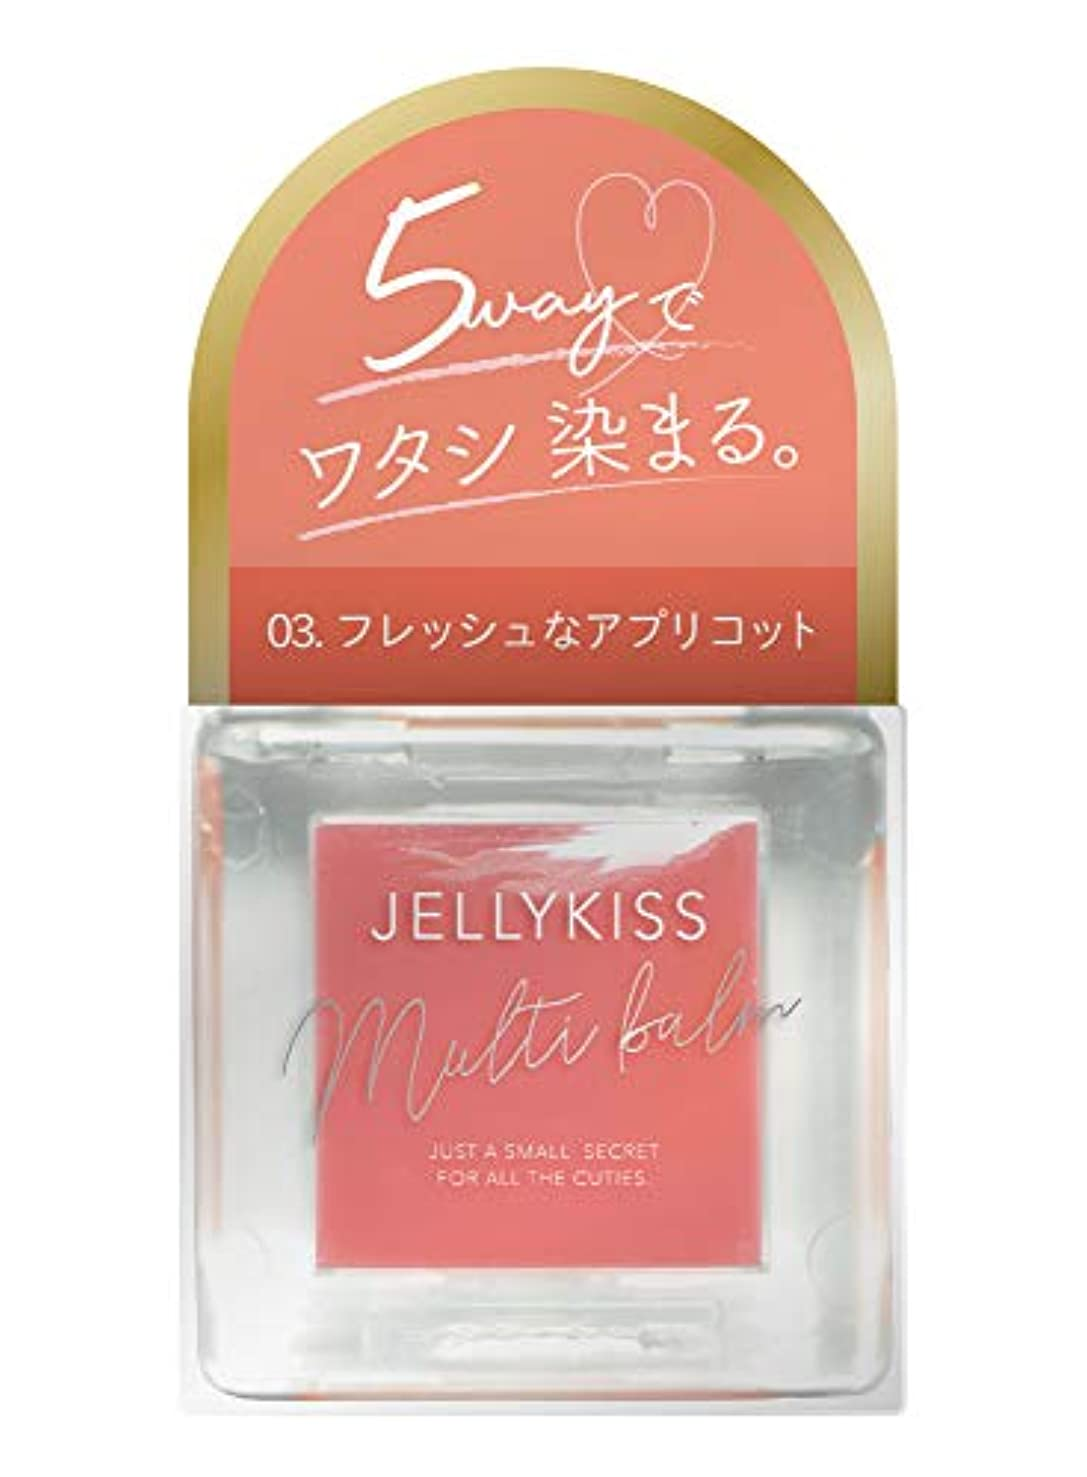 落胆した水族館エチケットJelly kiss(ジュリキス) ジェリキス マルチバーム 03 フレッシュアプリコット 口紅 7g